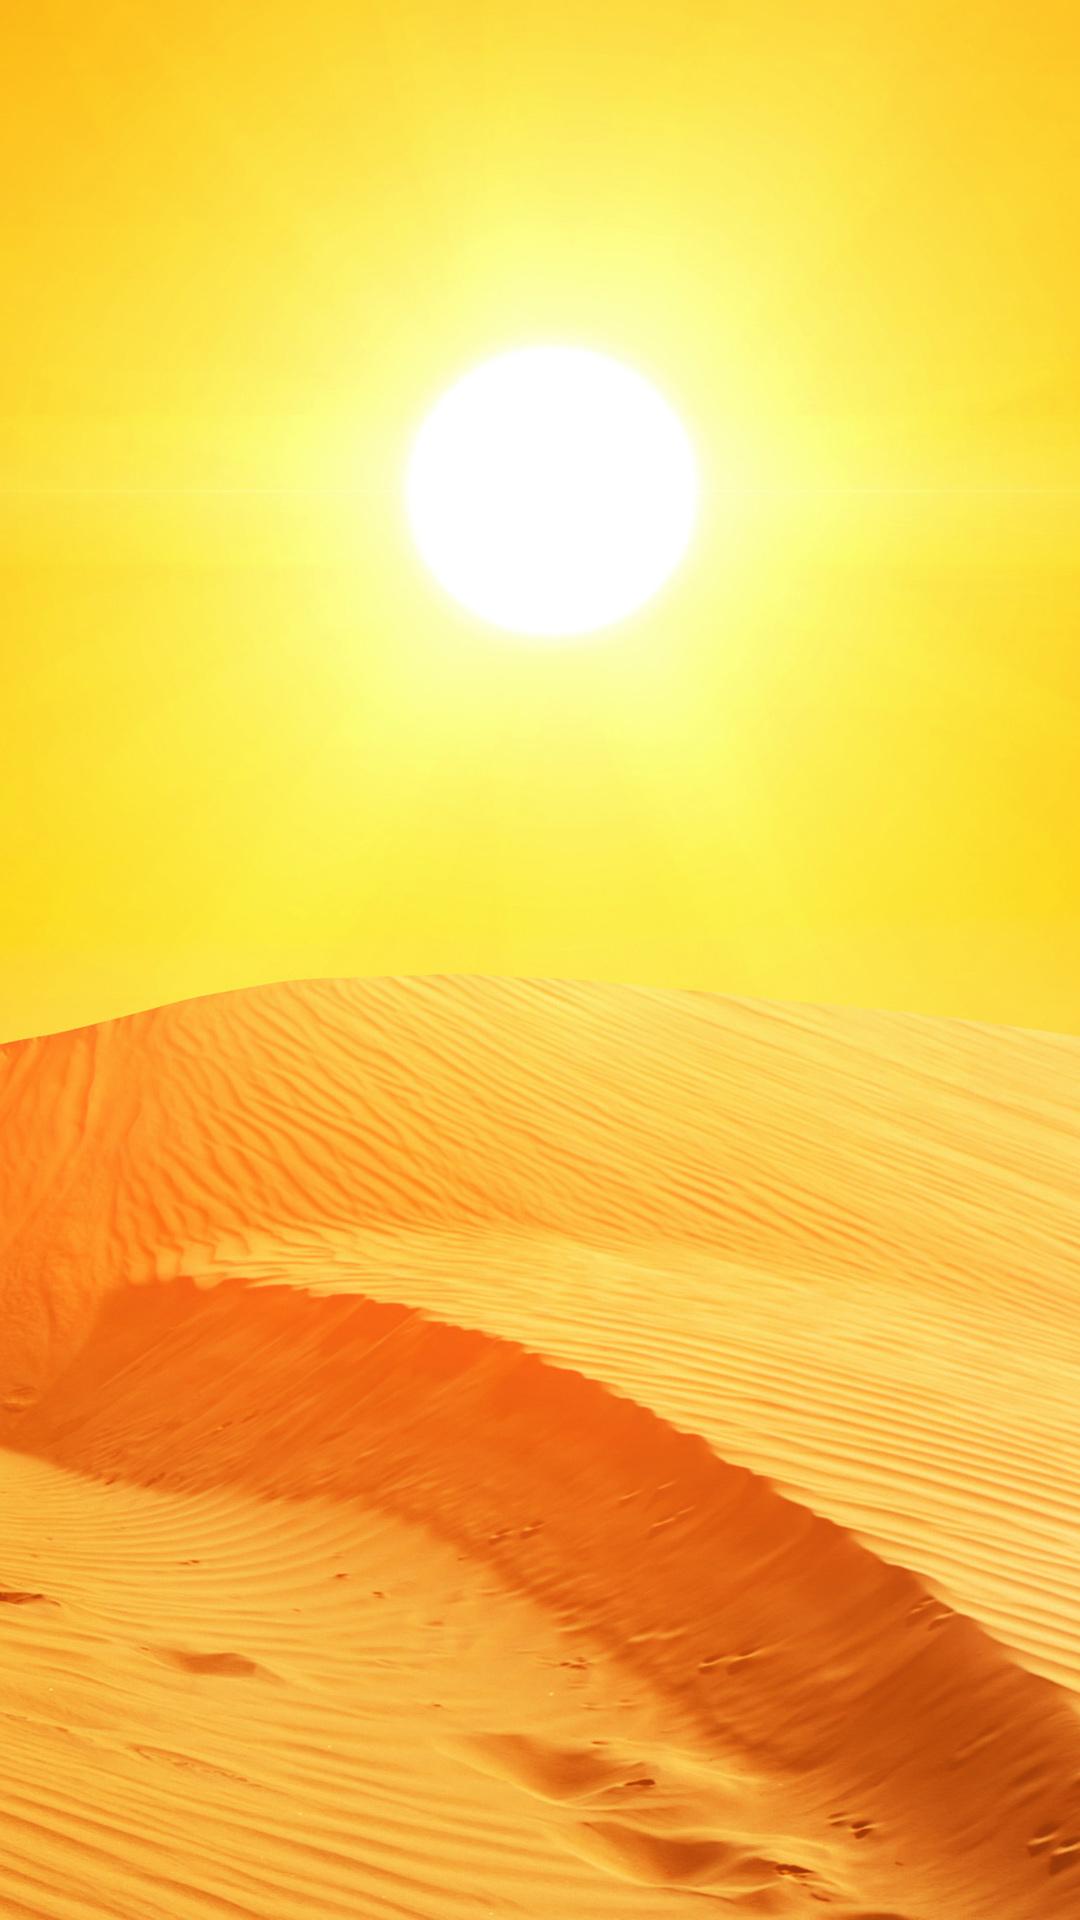 In The Desert clipart desert sun  full Yopriceville Wallpaper size